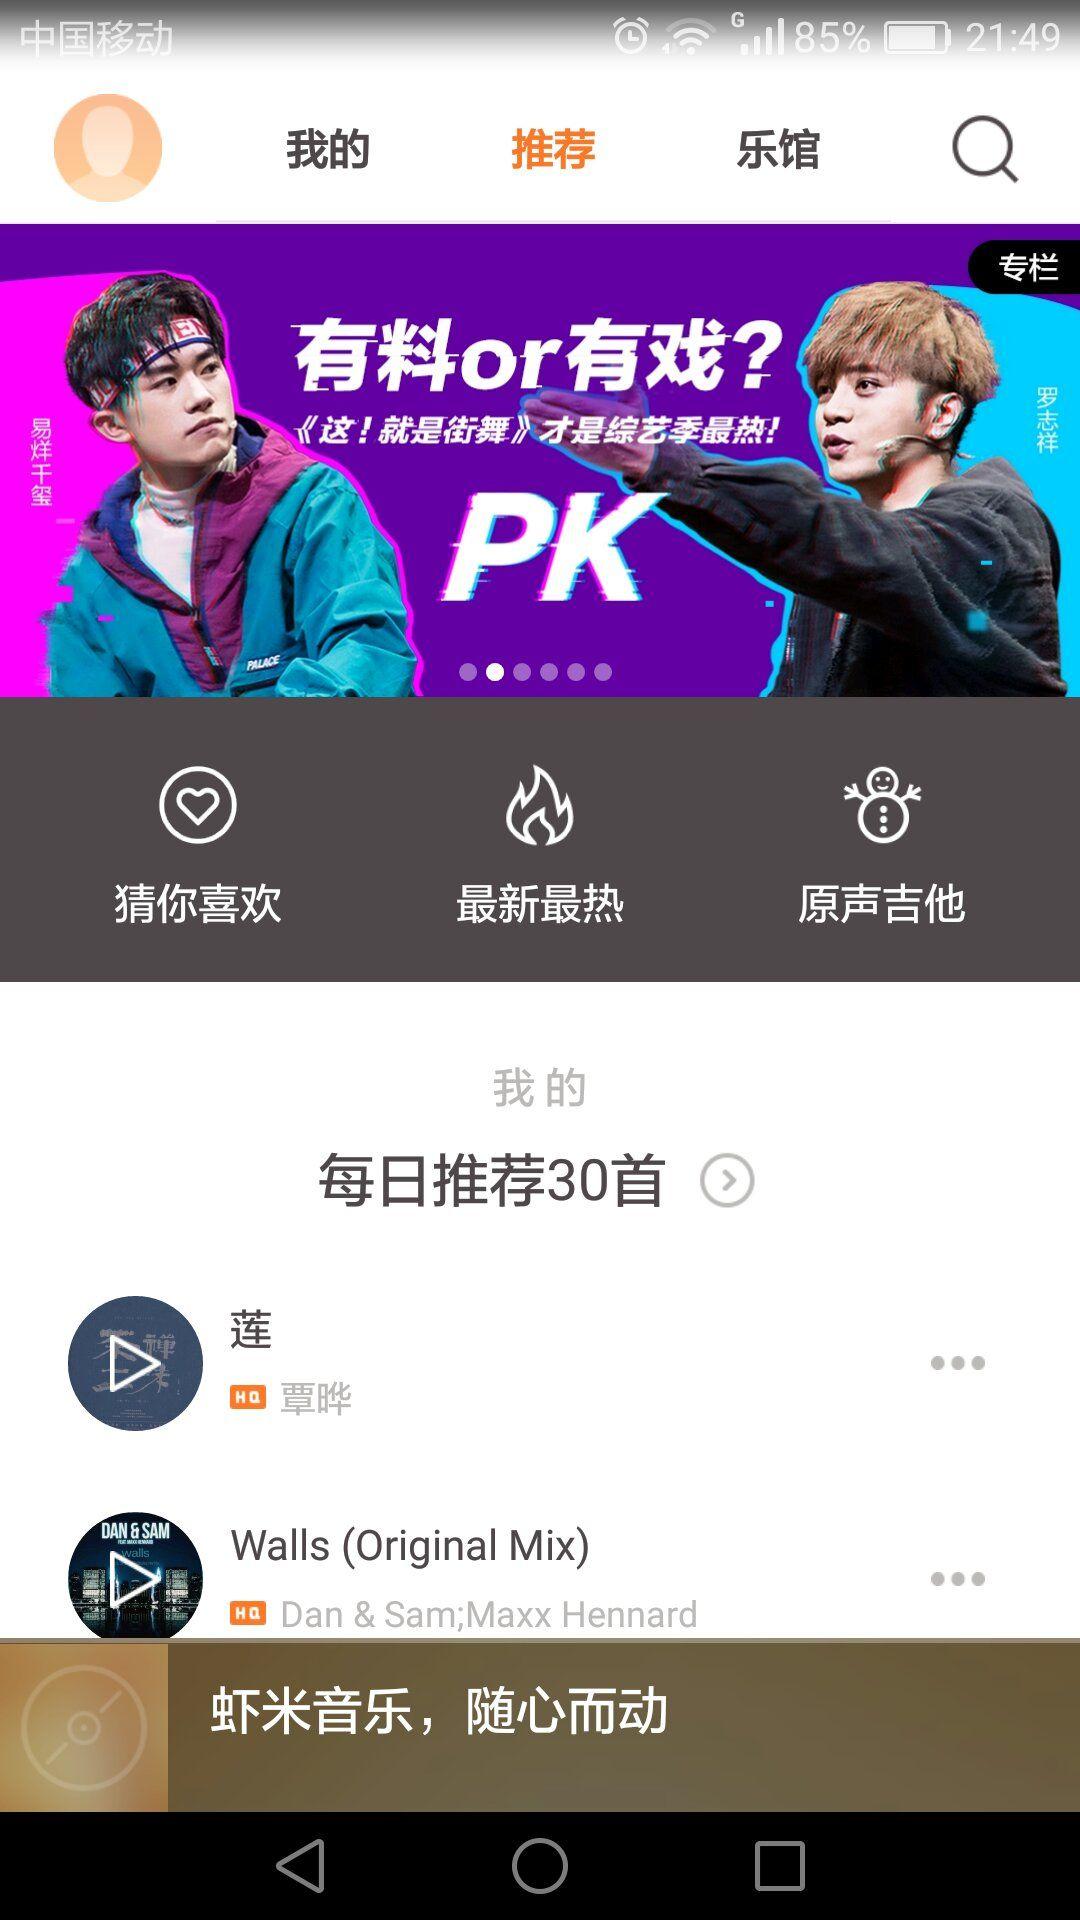 安卓虾米音乐破解版5.2.0 可下载付费音乐